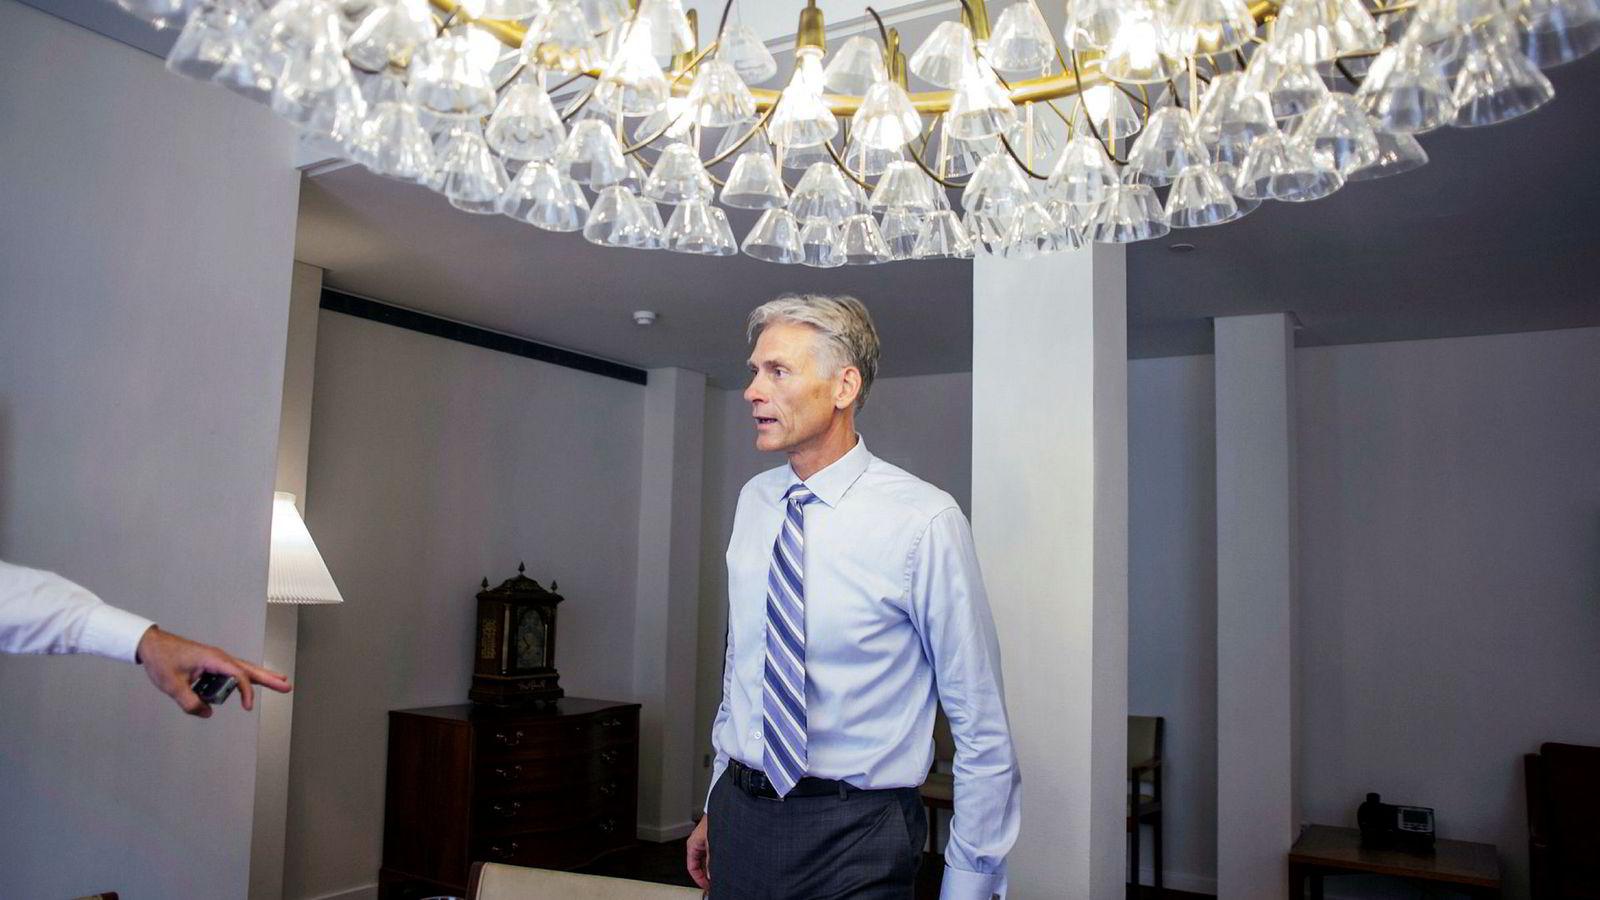 Tidligere Danske Bank-sjef Thomas Borgen er siktet av dansk Økokrim, og ni andre tidligere ledere skal også være det. Medlemmer av styret skal ikke være blant dem.